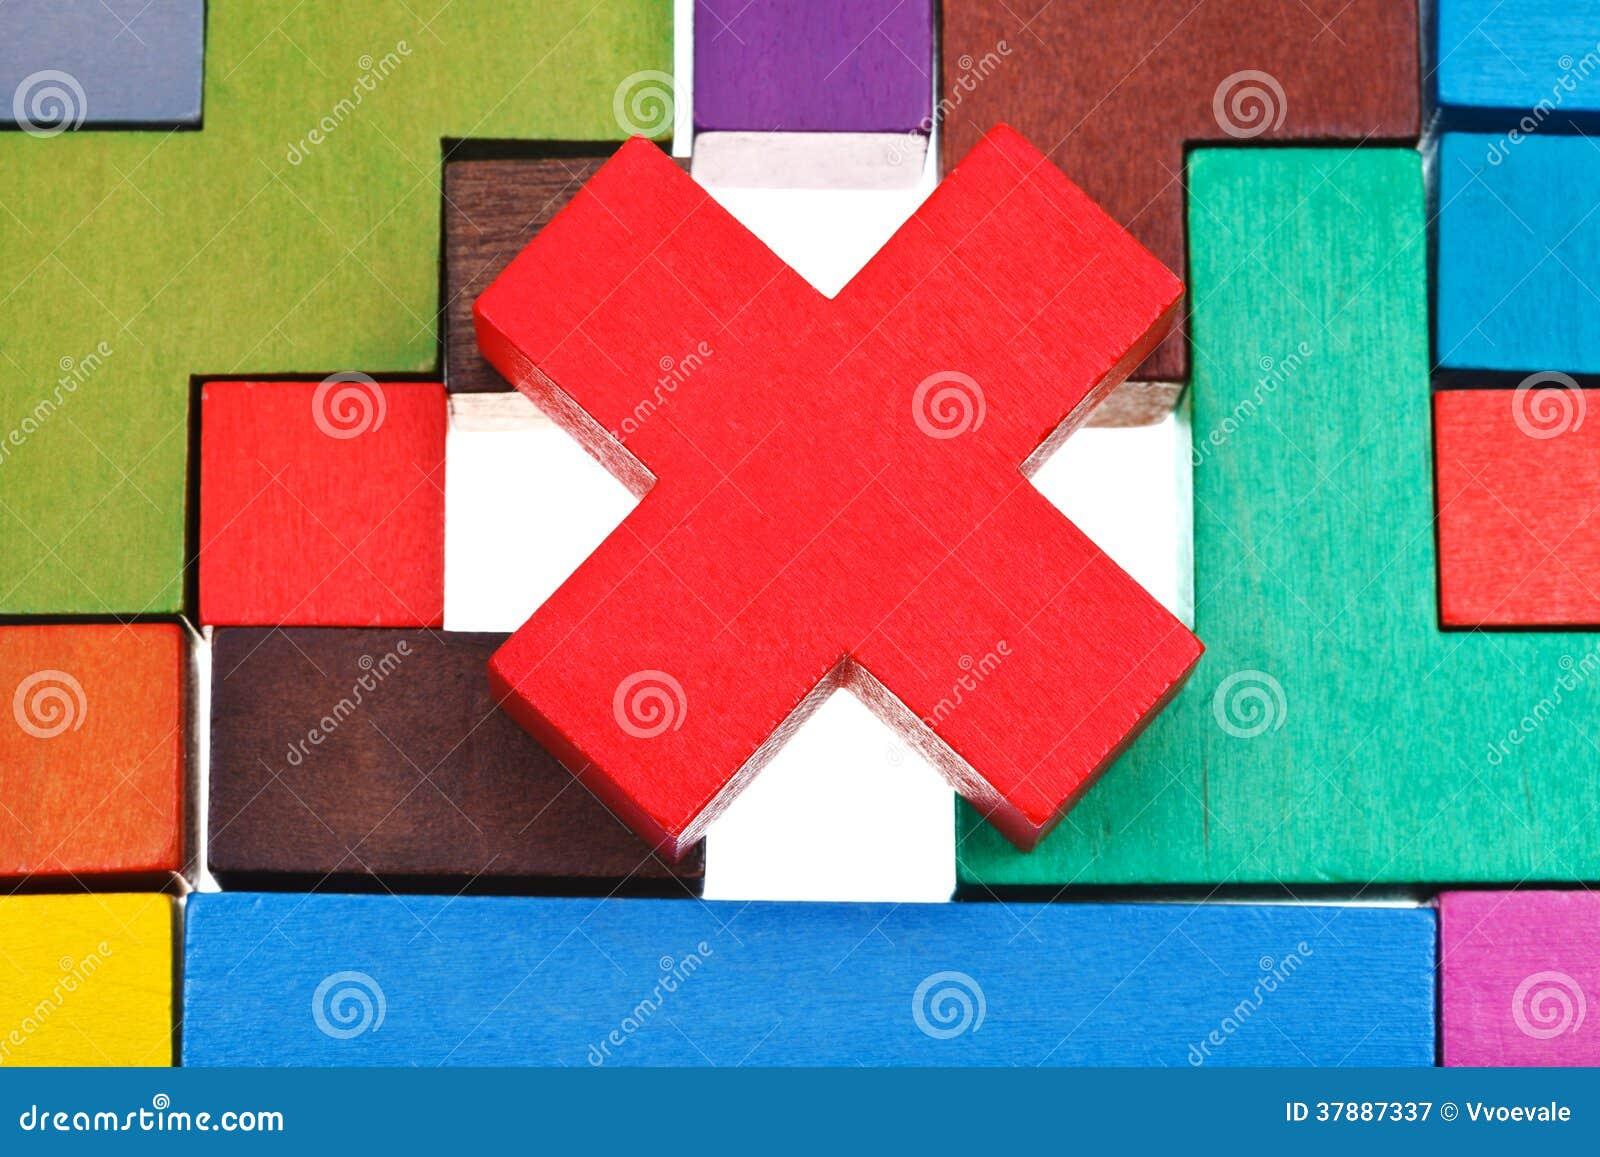 Kruis gestalte gegeven blok op houten raadsel